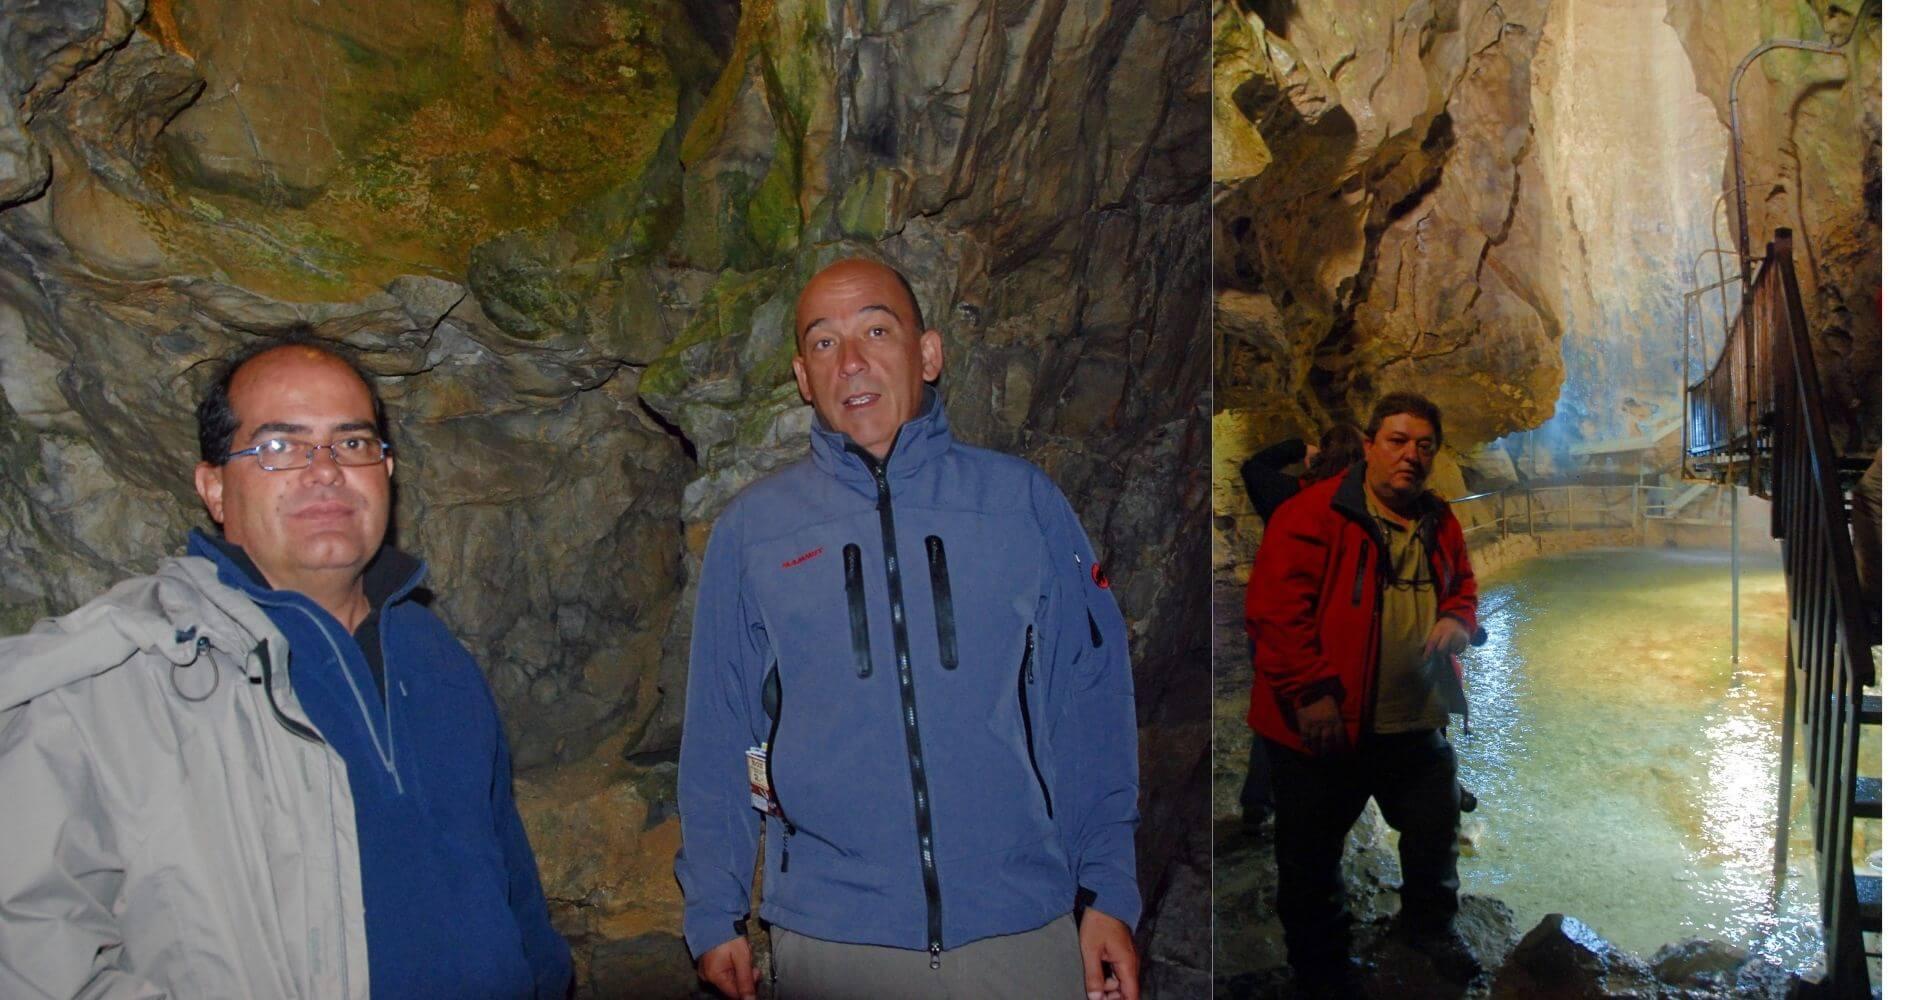 Recorrido por la Cueva de las Hadas. Grotte Aux Fées. St. Maurice. Valais, Suiza.